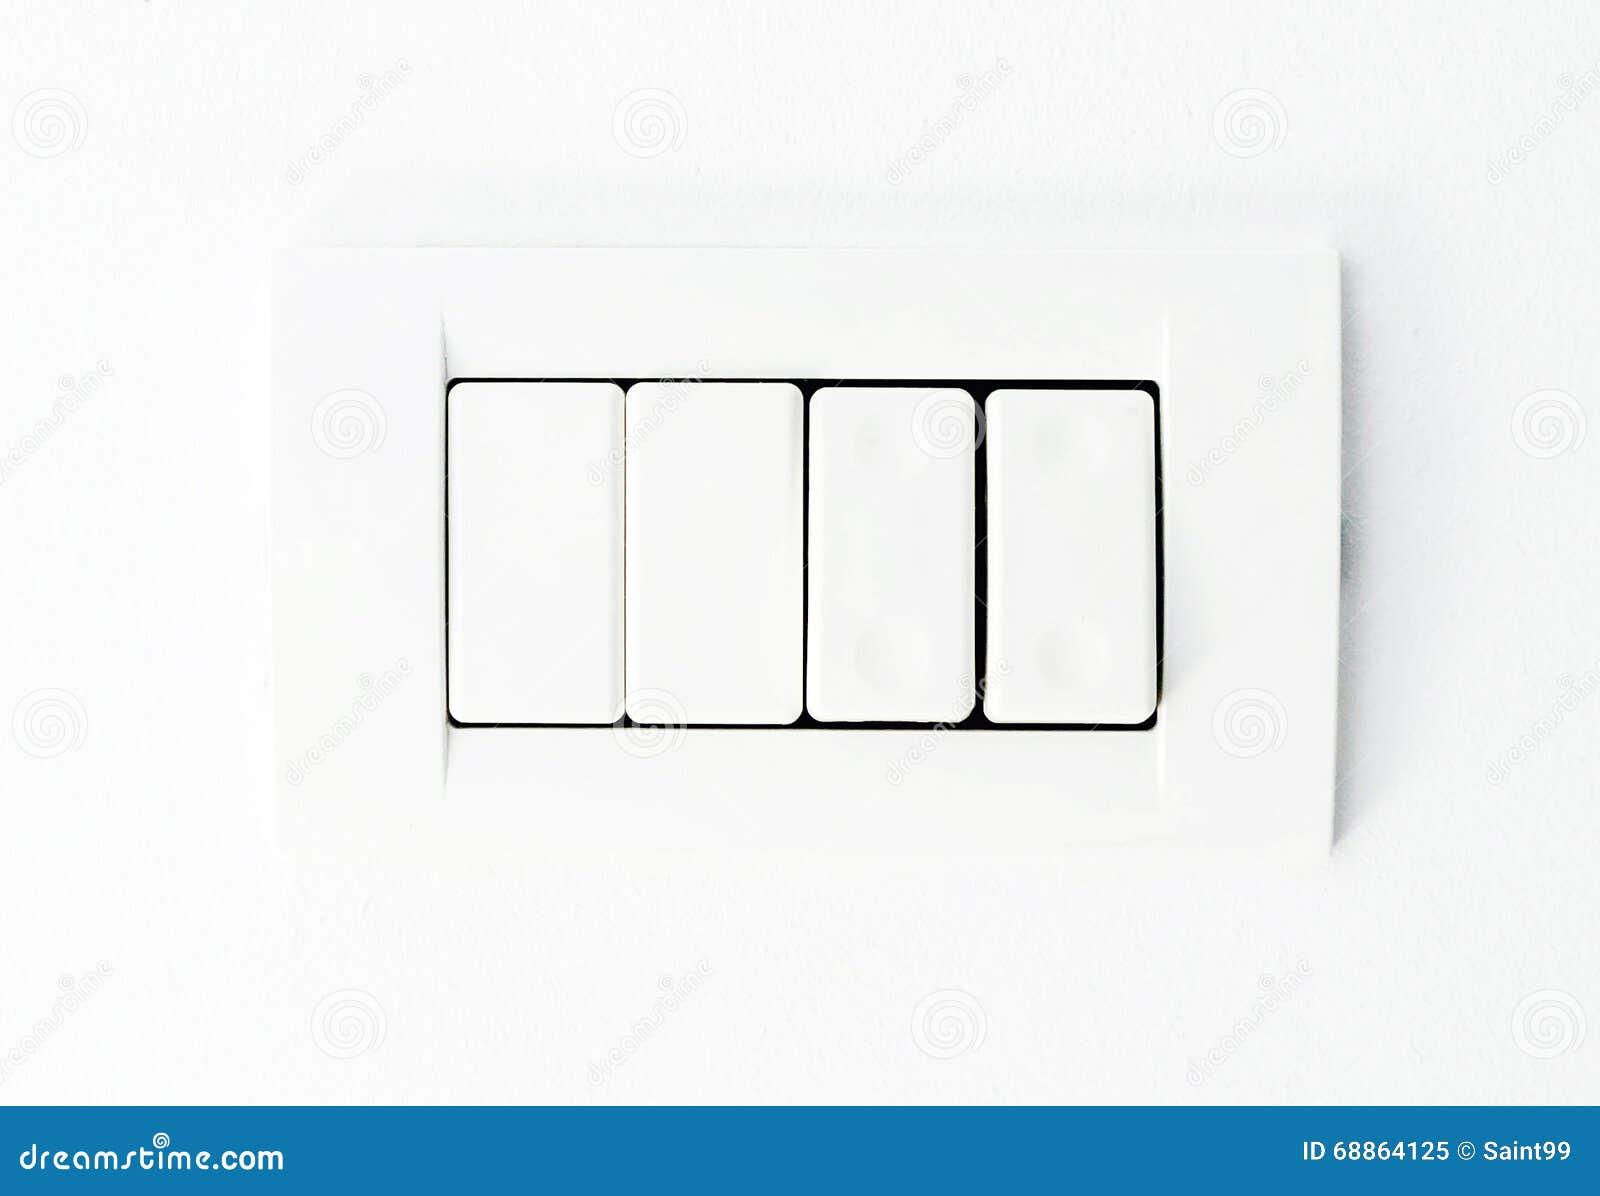 Gemütlich 2 Lichter 2 Schalter Fotos - Schaltplan Serie Circuit ...